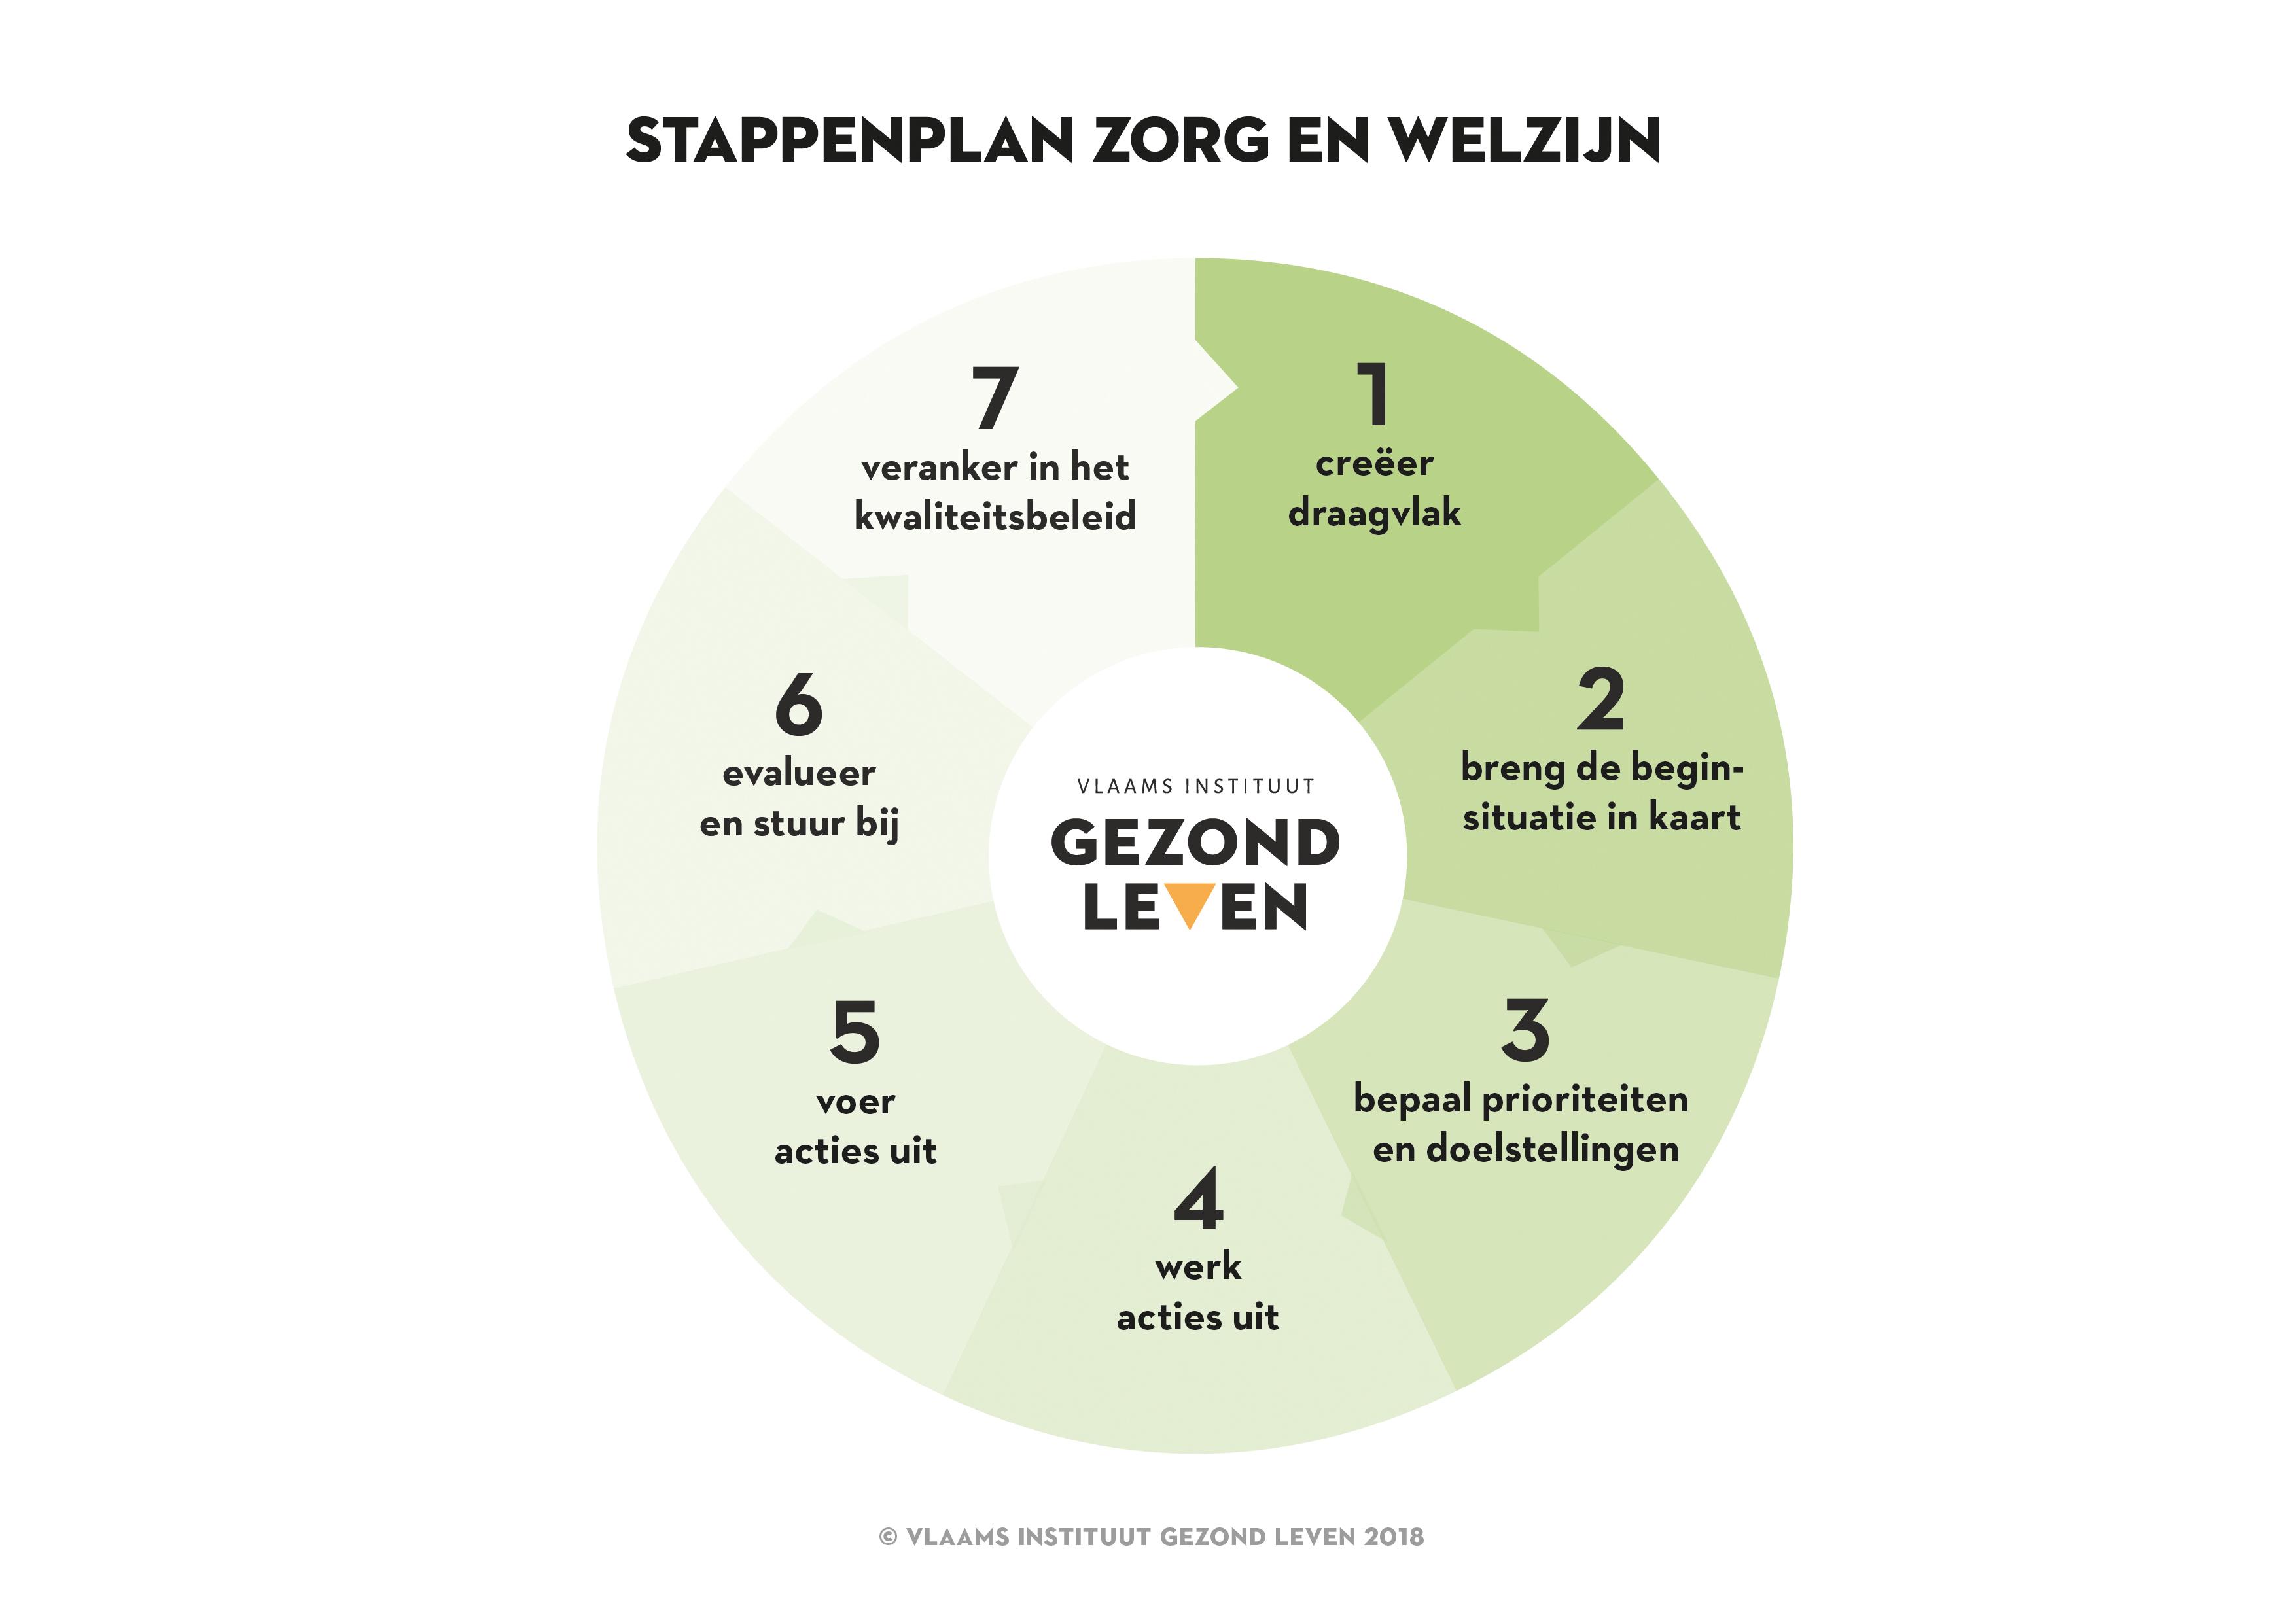 Stappenplan Zorg En Welzijn